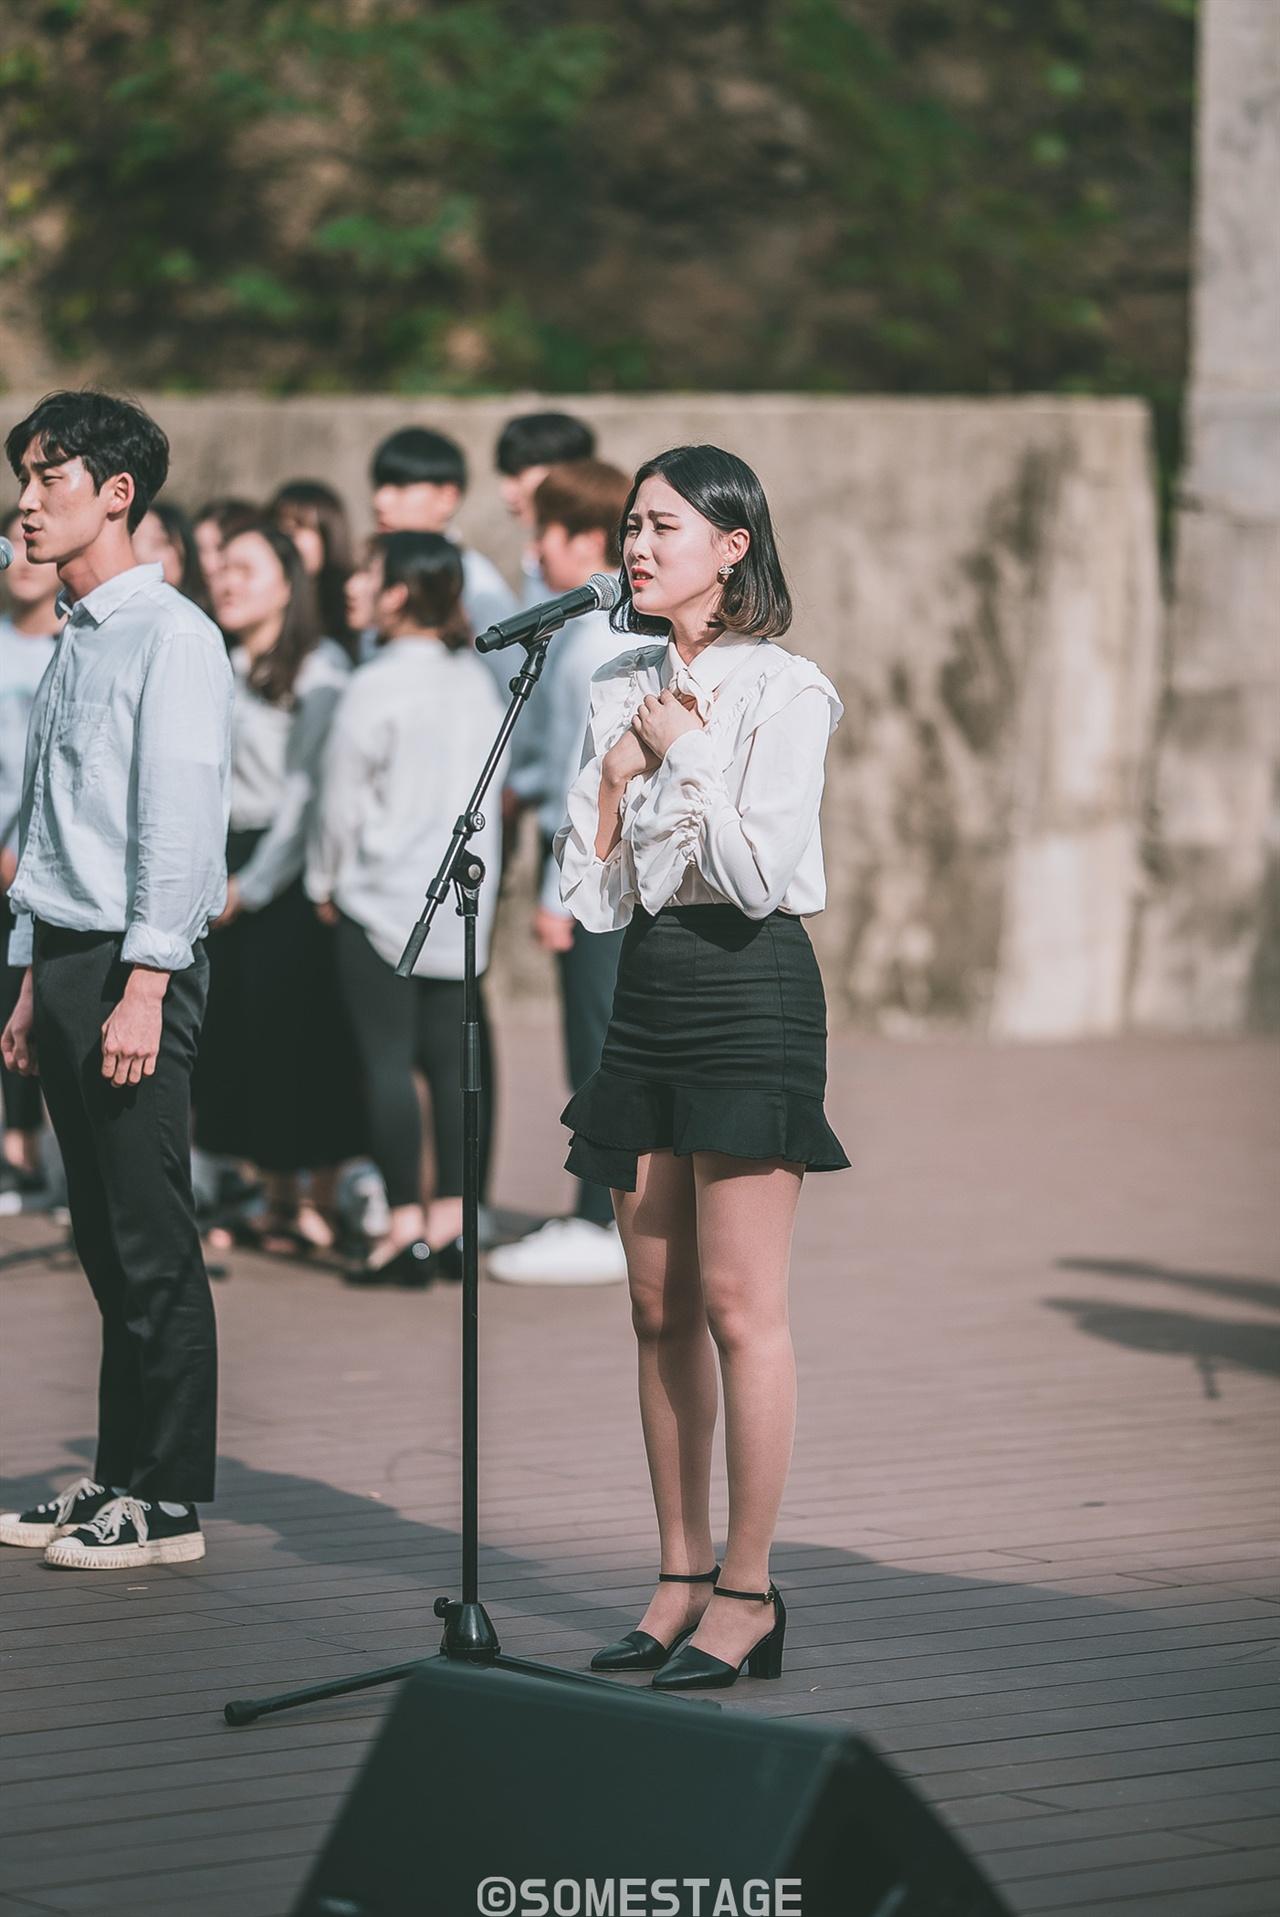 2018 현대차그룹 대학 연극·뮤지컬 페스티벌 프로그램 '싱잉 인 더 탱크'에서 예원예술대학교 학생이 노래하고 있다.